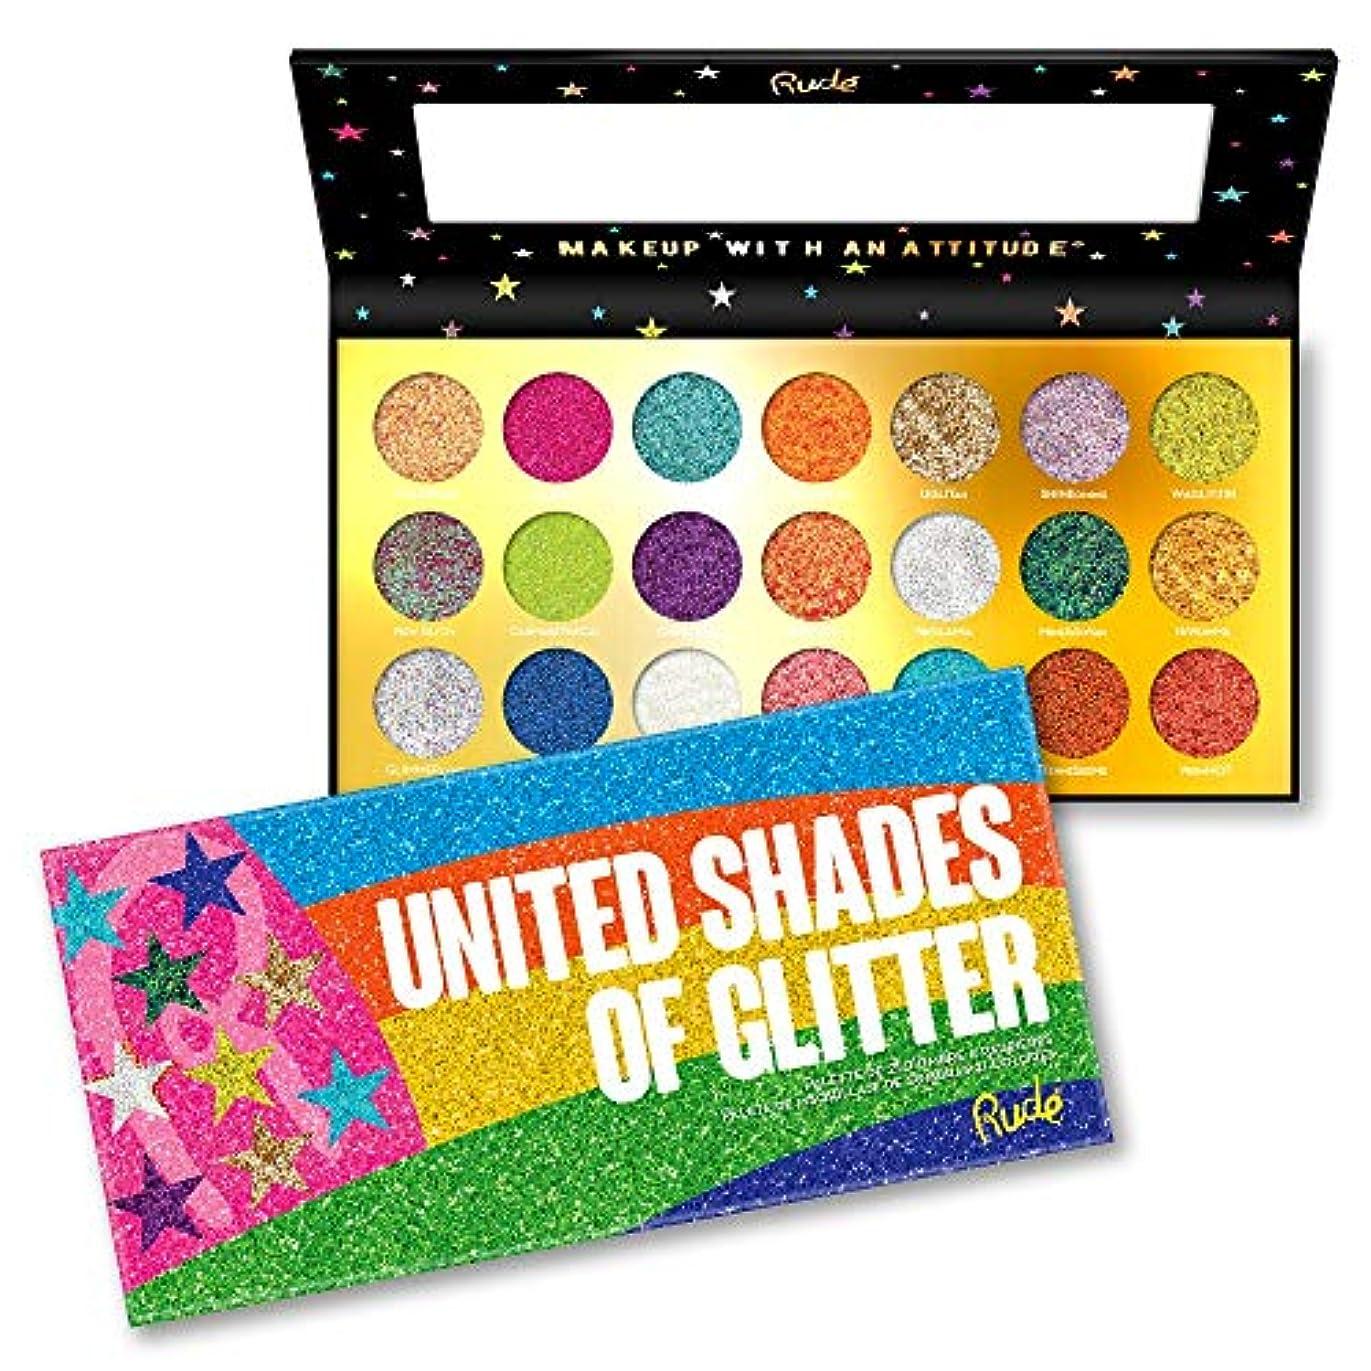 矢じり分解する気絶させるRUDE? United Shades of Glitter - 21 Pressed Glitter Palette (並行輸入品)